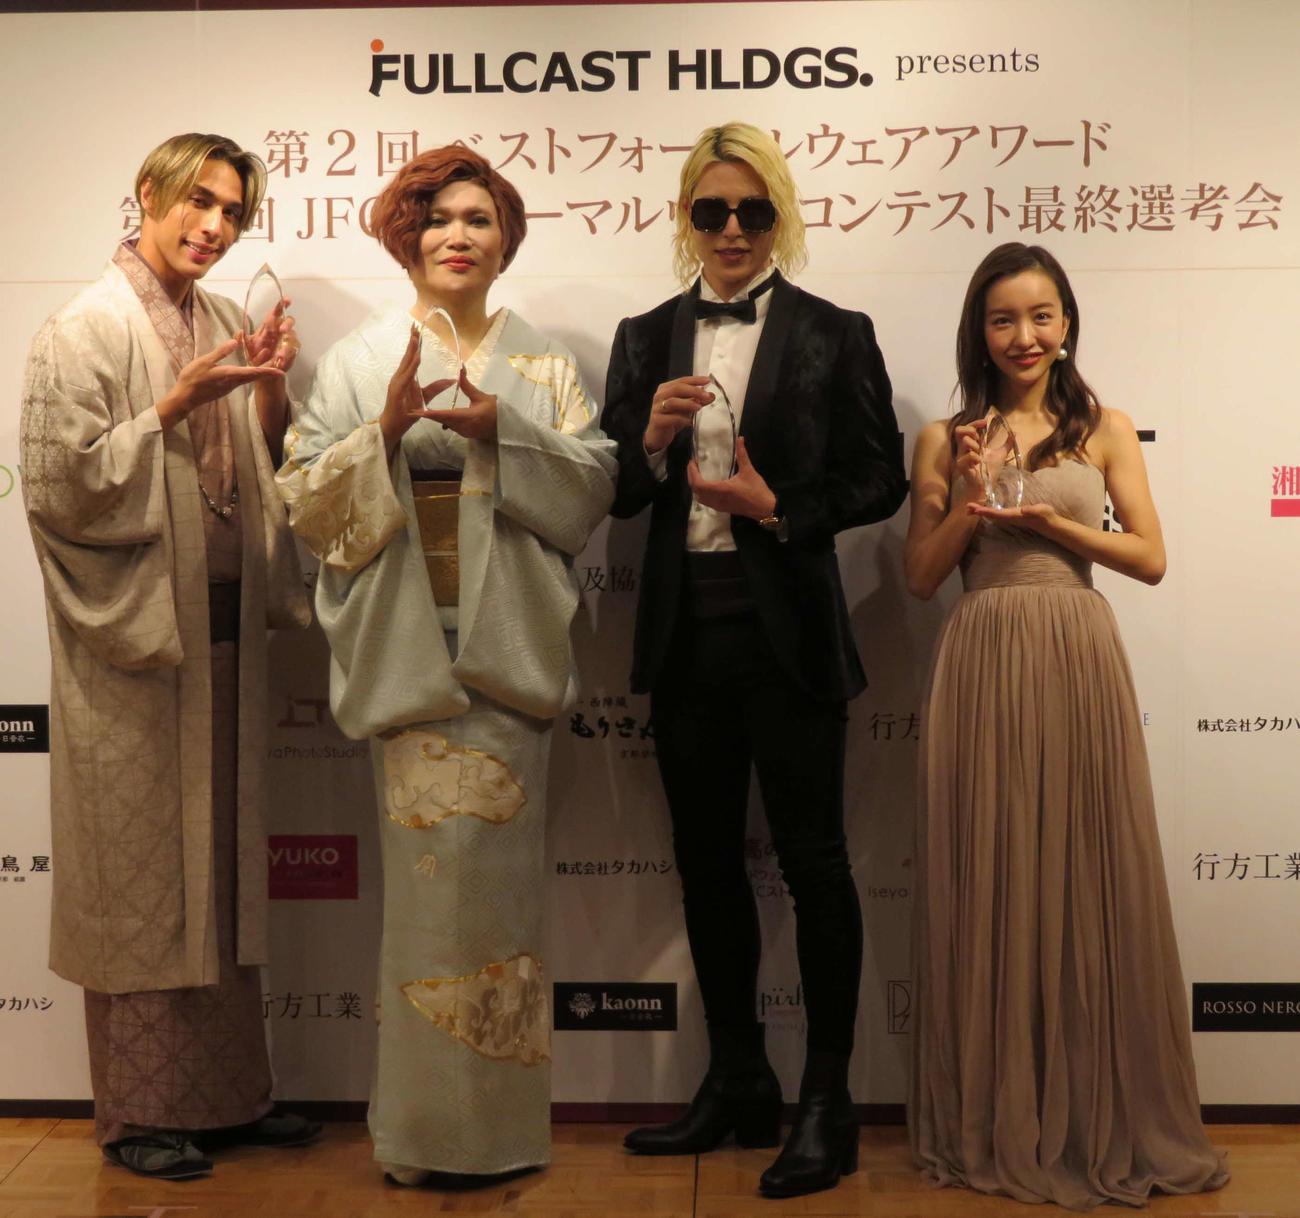 第2回ベストフォーマルアワード授賞式に出席した、左から當間ローズ、IKKO、ROLAND、板野友美(撮影・村上幸将)